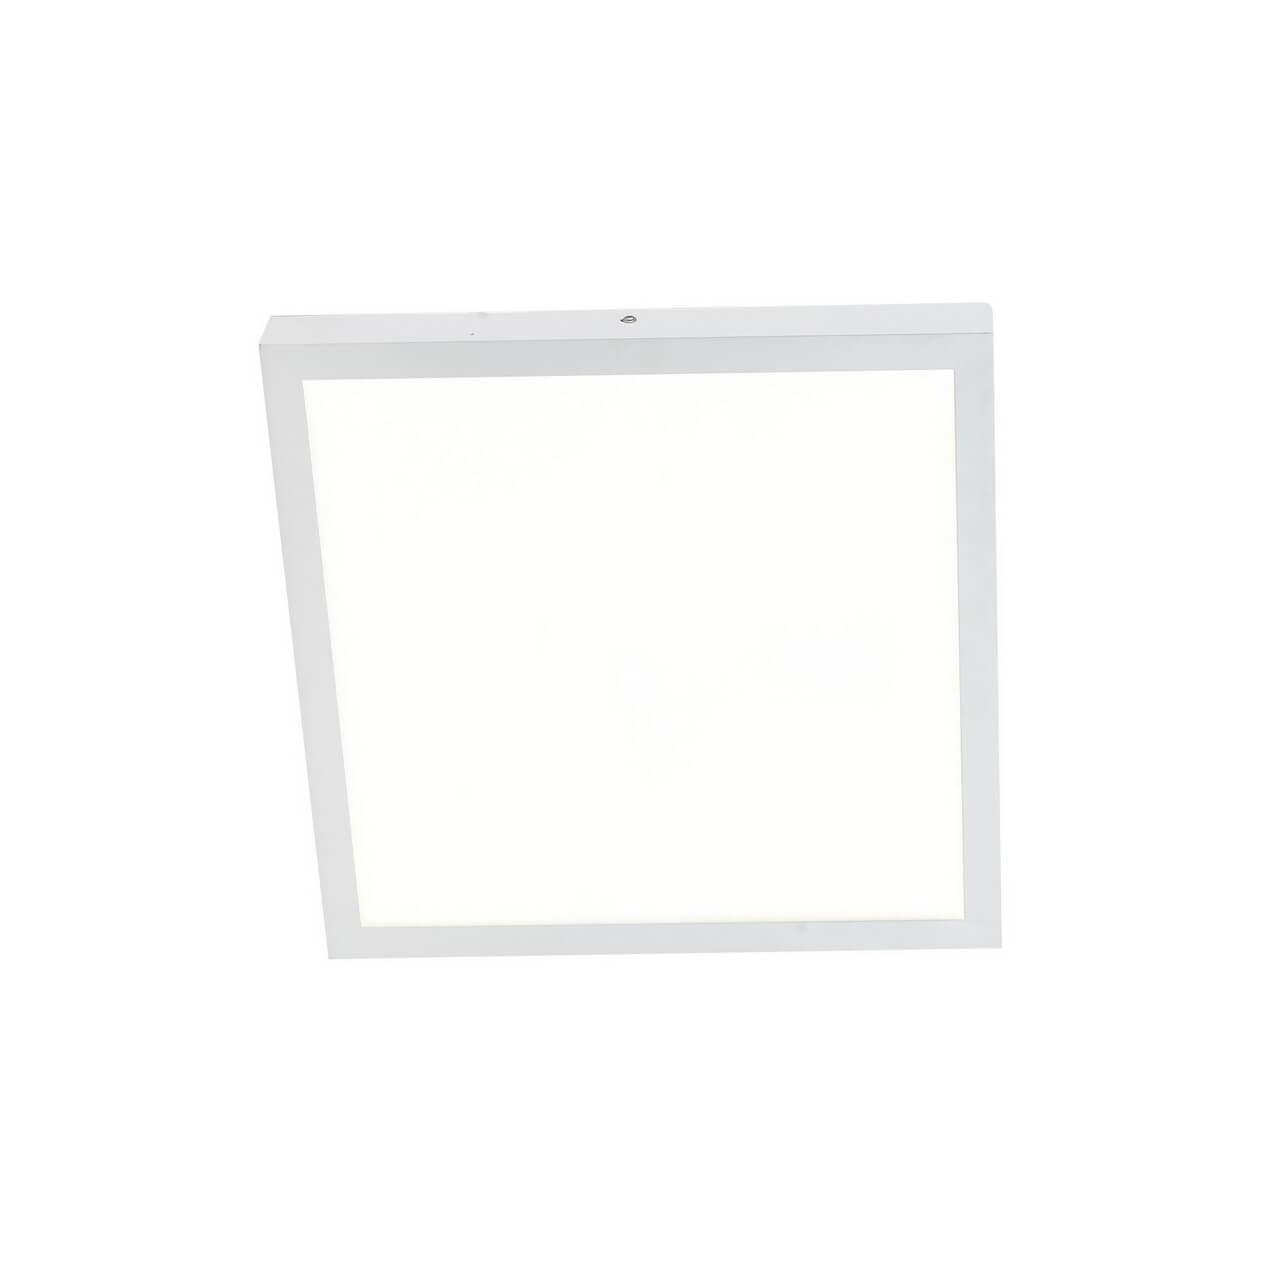 Накладной светильник Favourite 1349-24C, LED, 24 Вт потолочный светильник favourite flashled арт 1341 24c